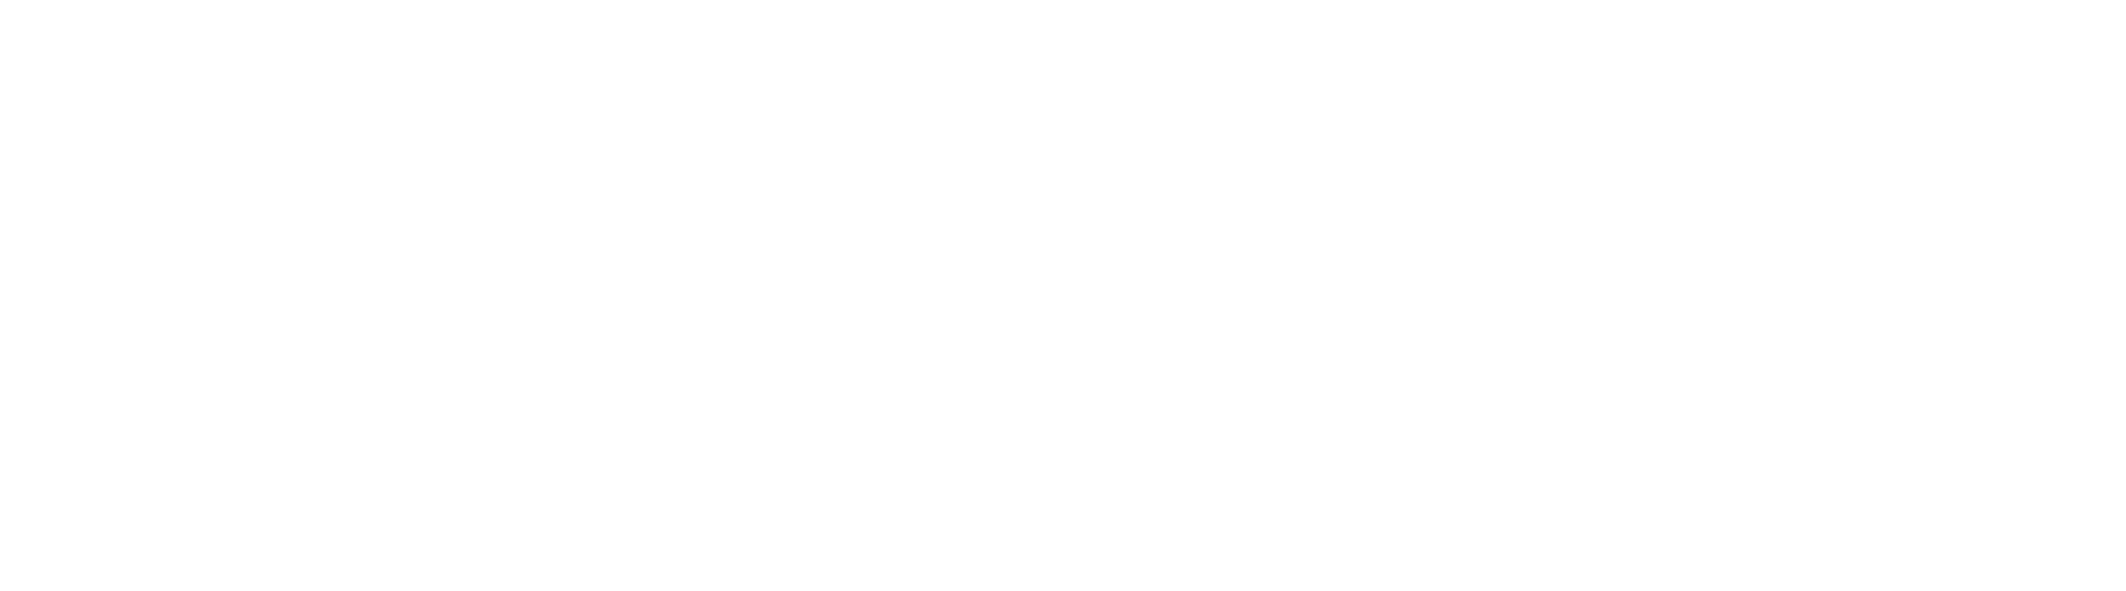 Respekt.net